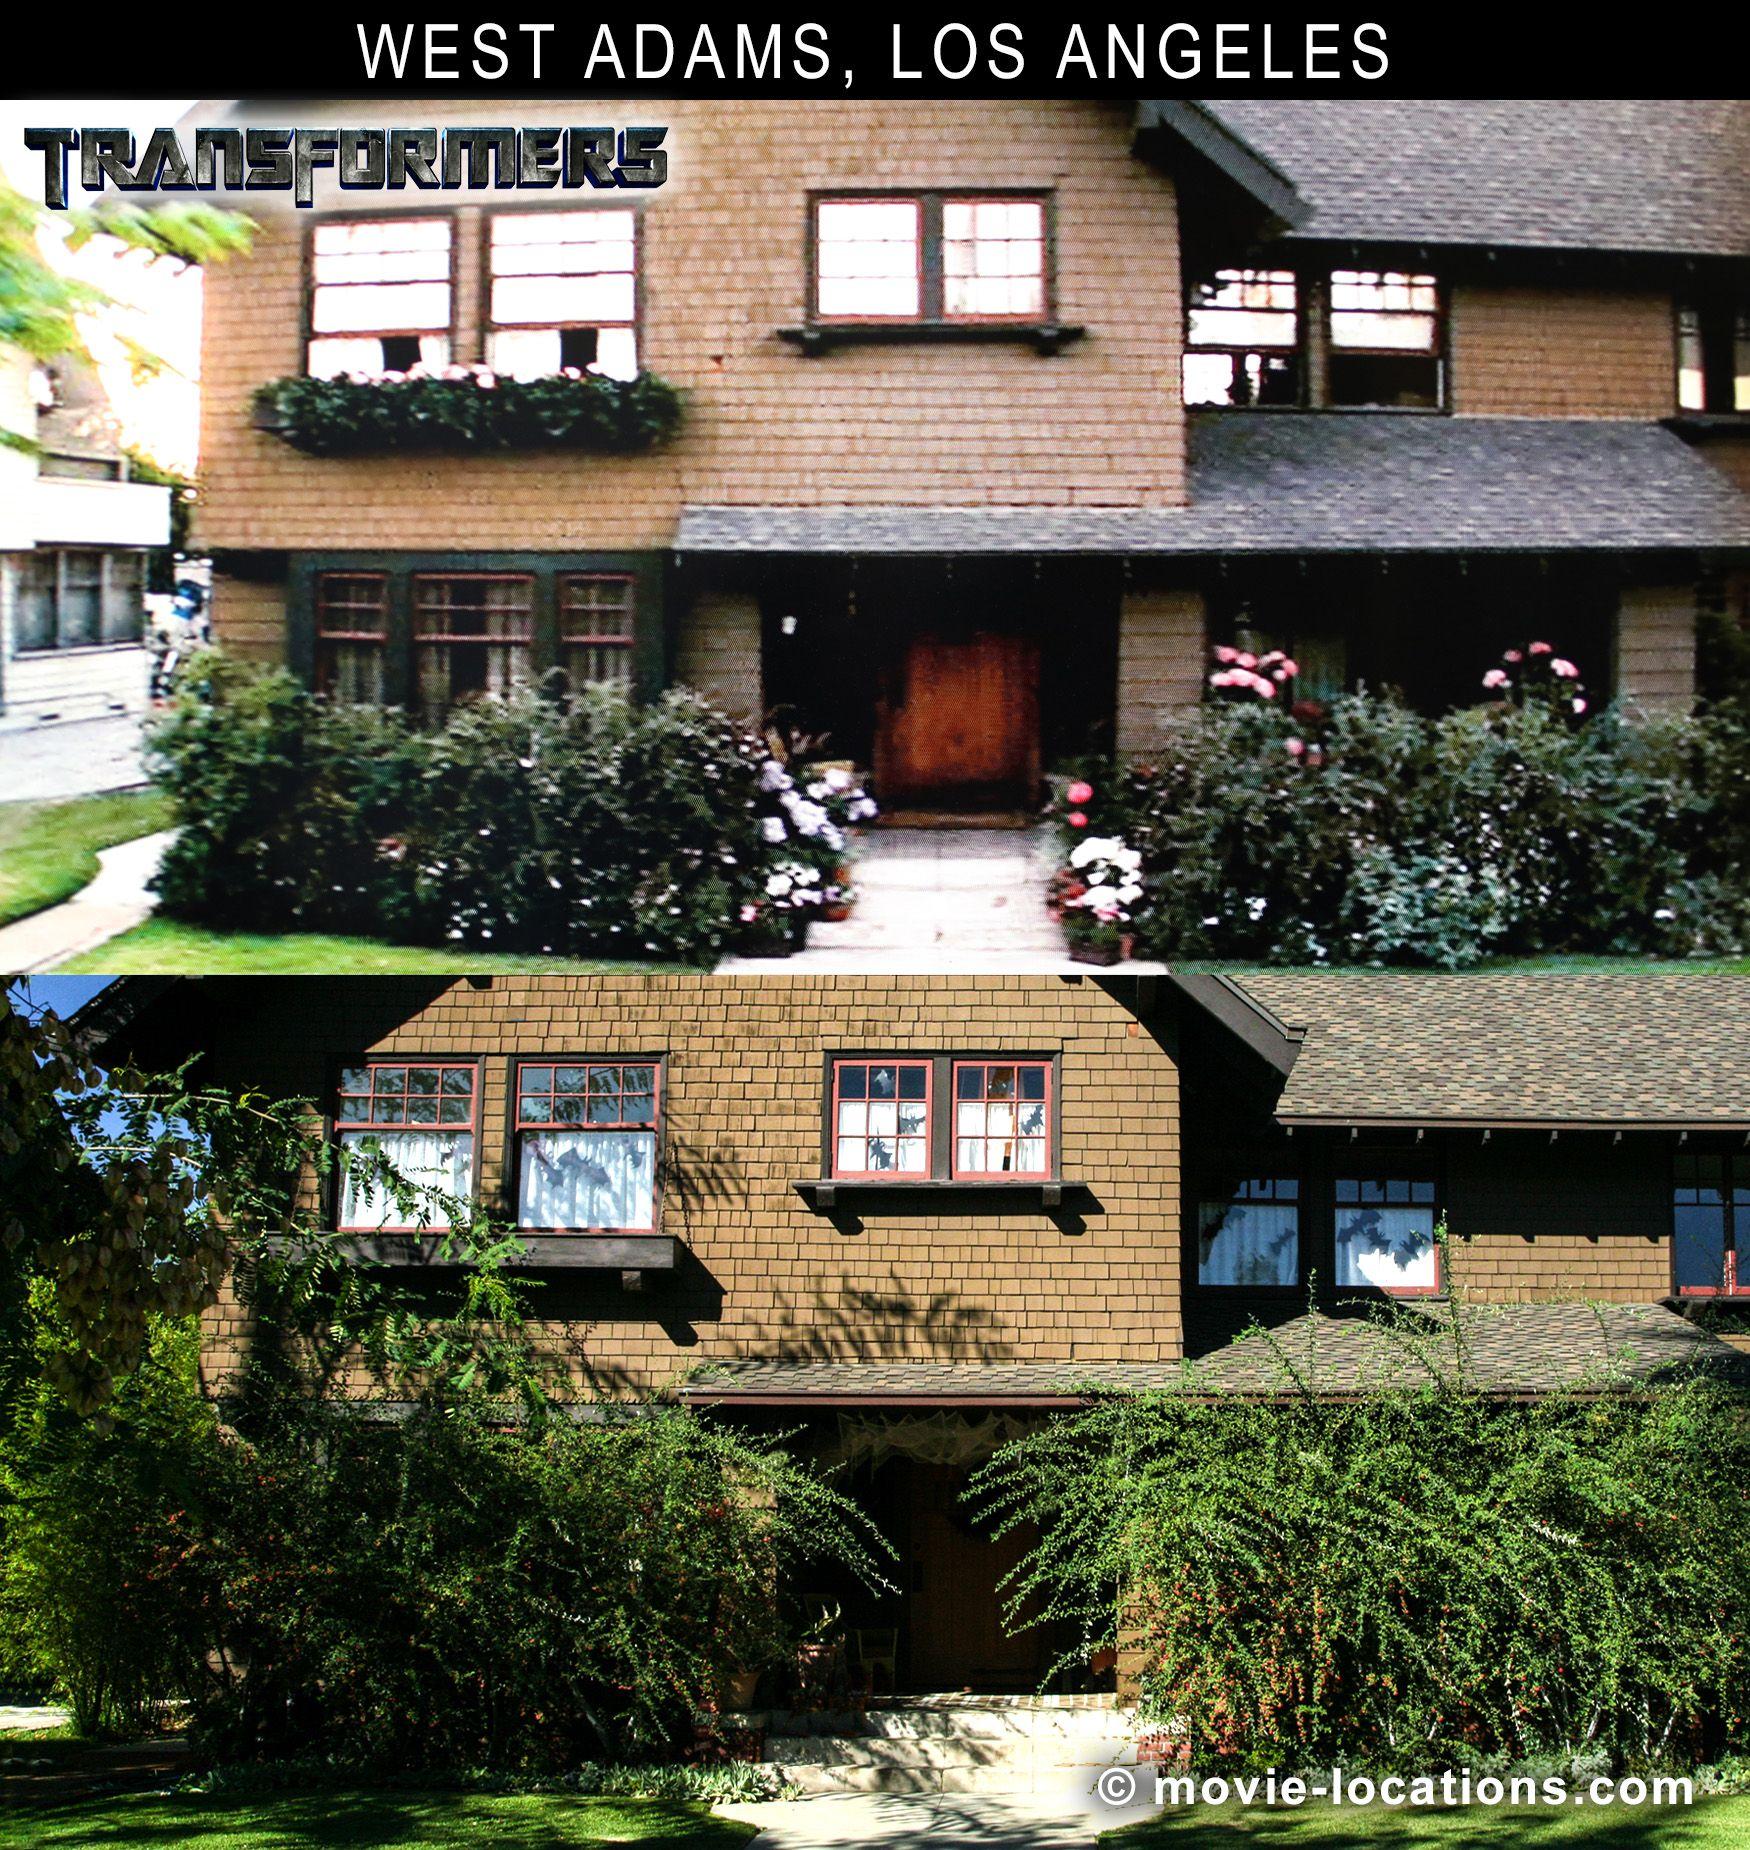 2e81a8265ee61e0c2c7343f3412884cb - Hope Gardens Family Center Los Angeles